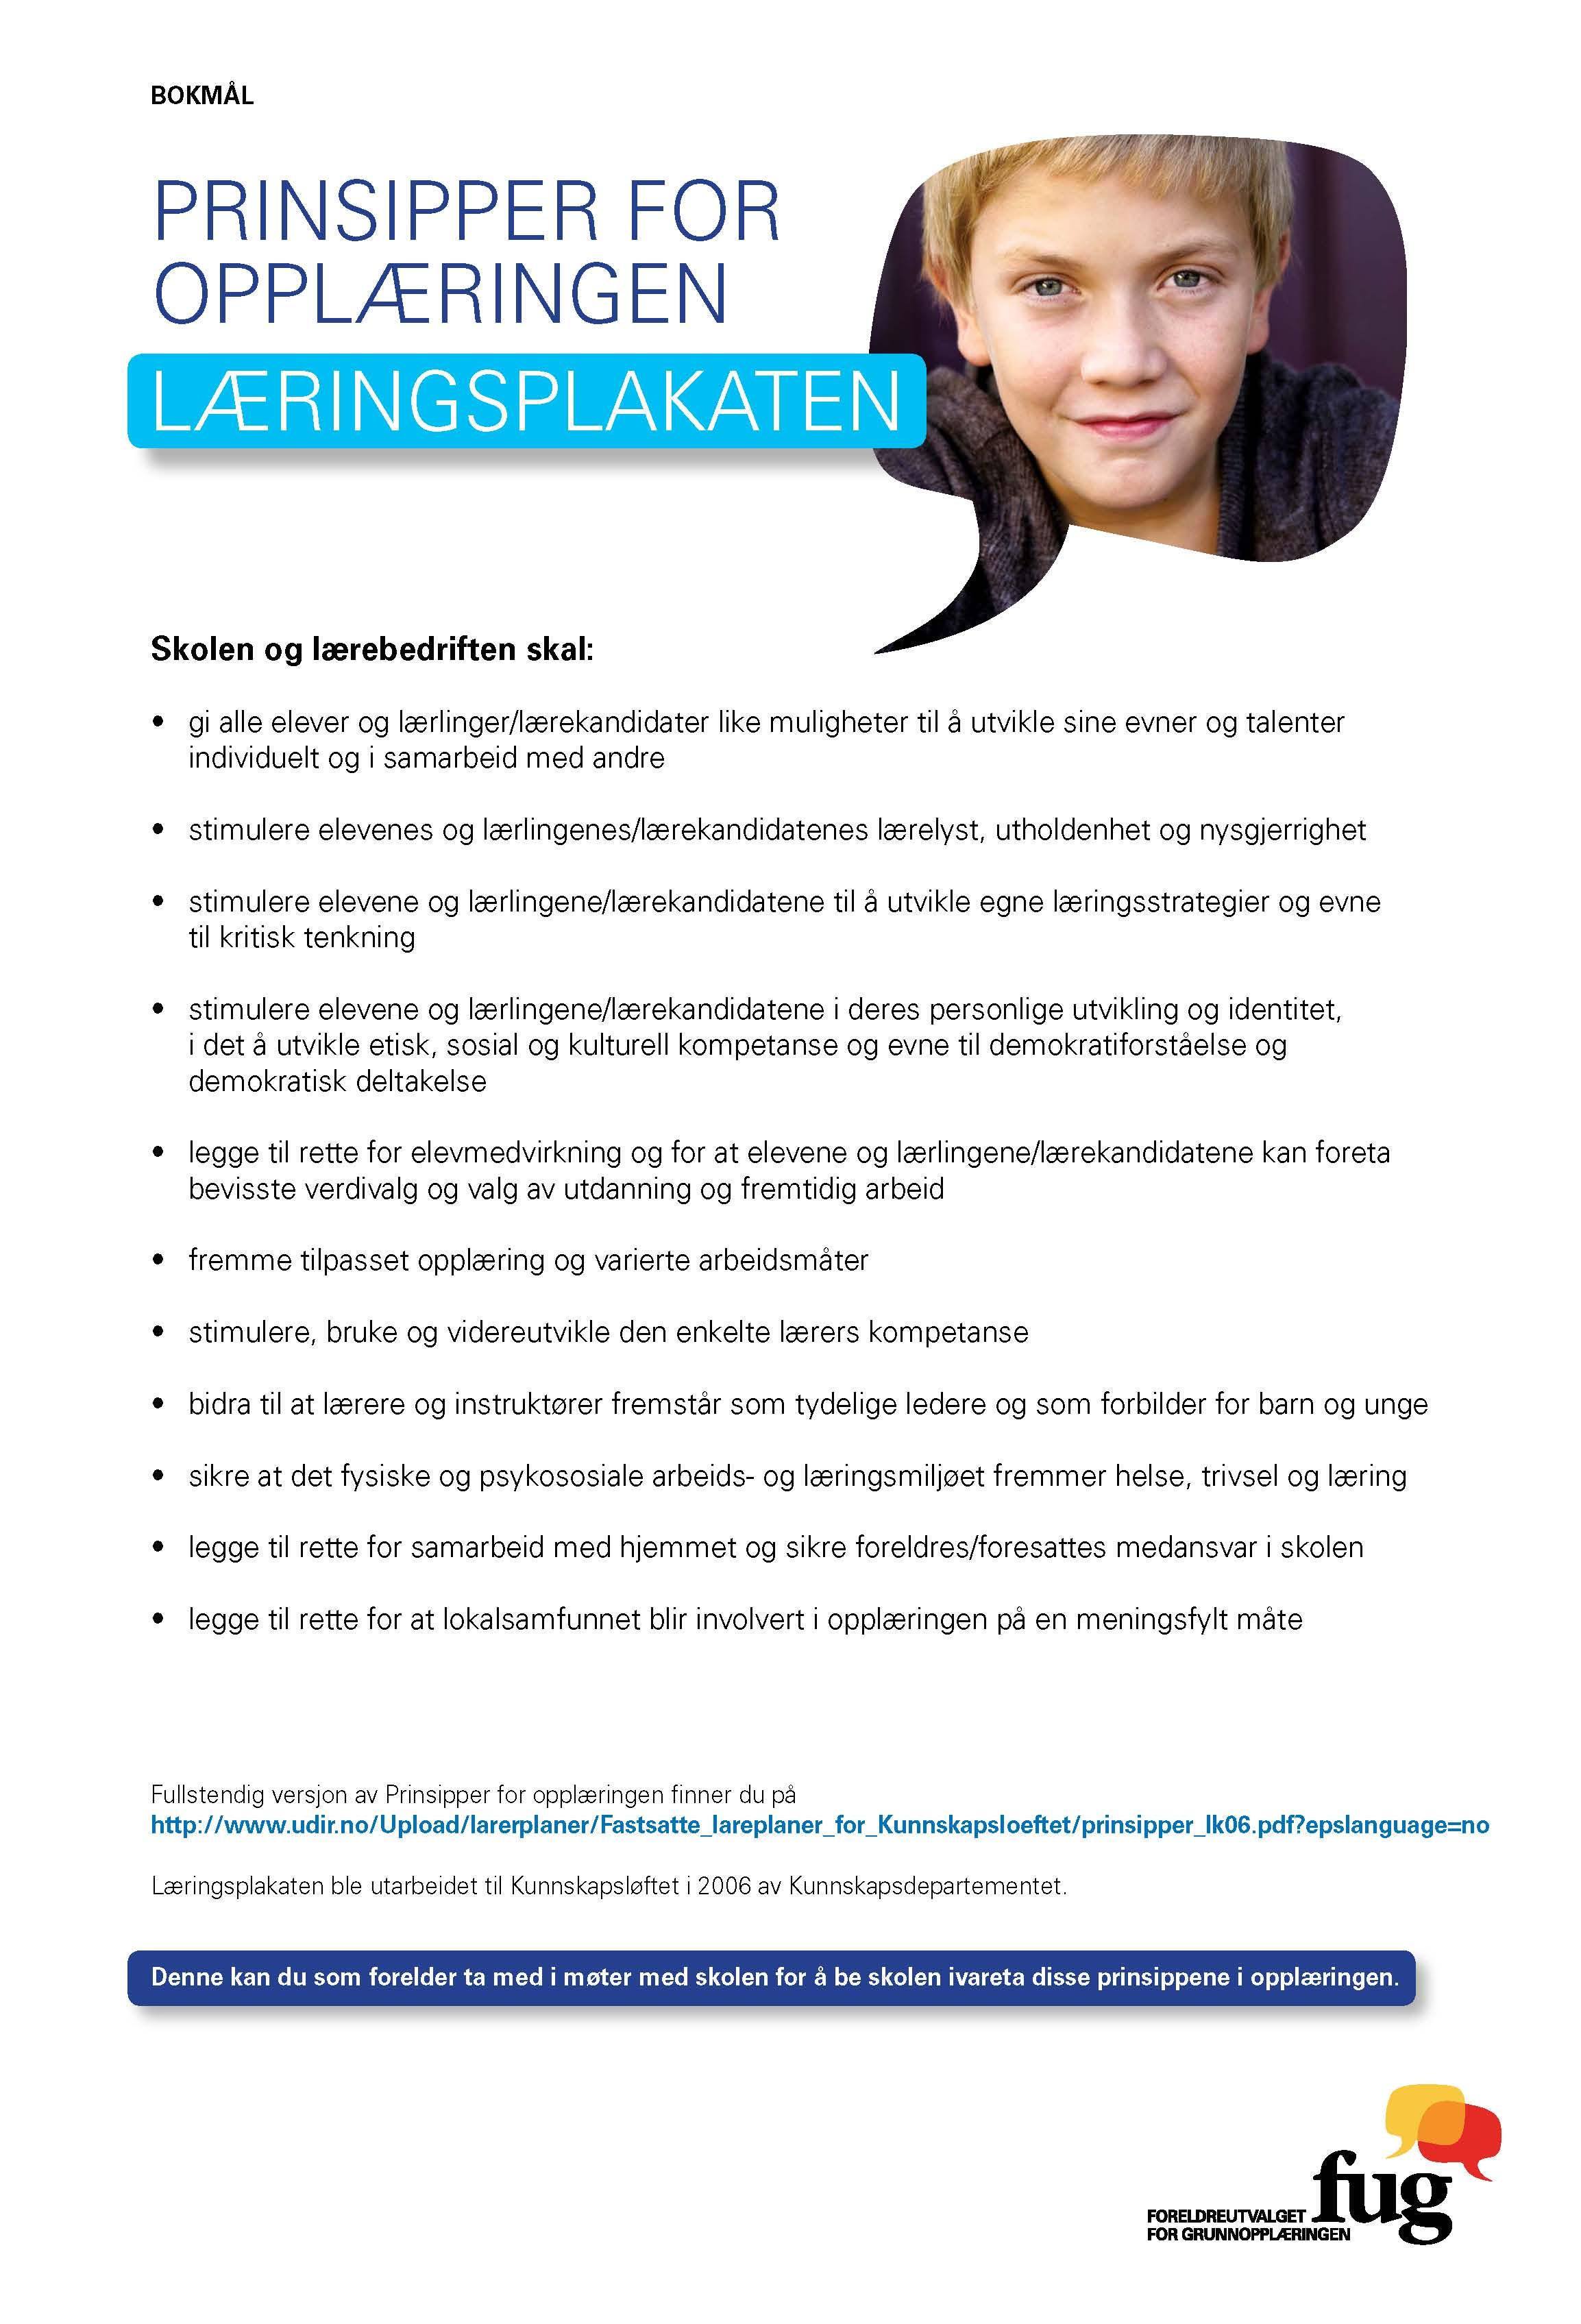 Bilde av Læringsplakaten, Prinsipper for opplæringen, A4 plakat_bokmål (1. utgave 2012)